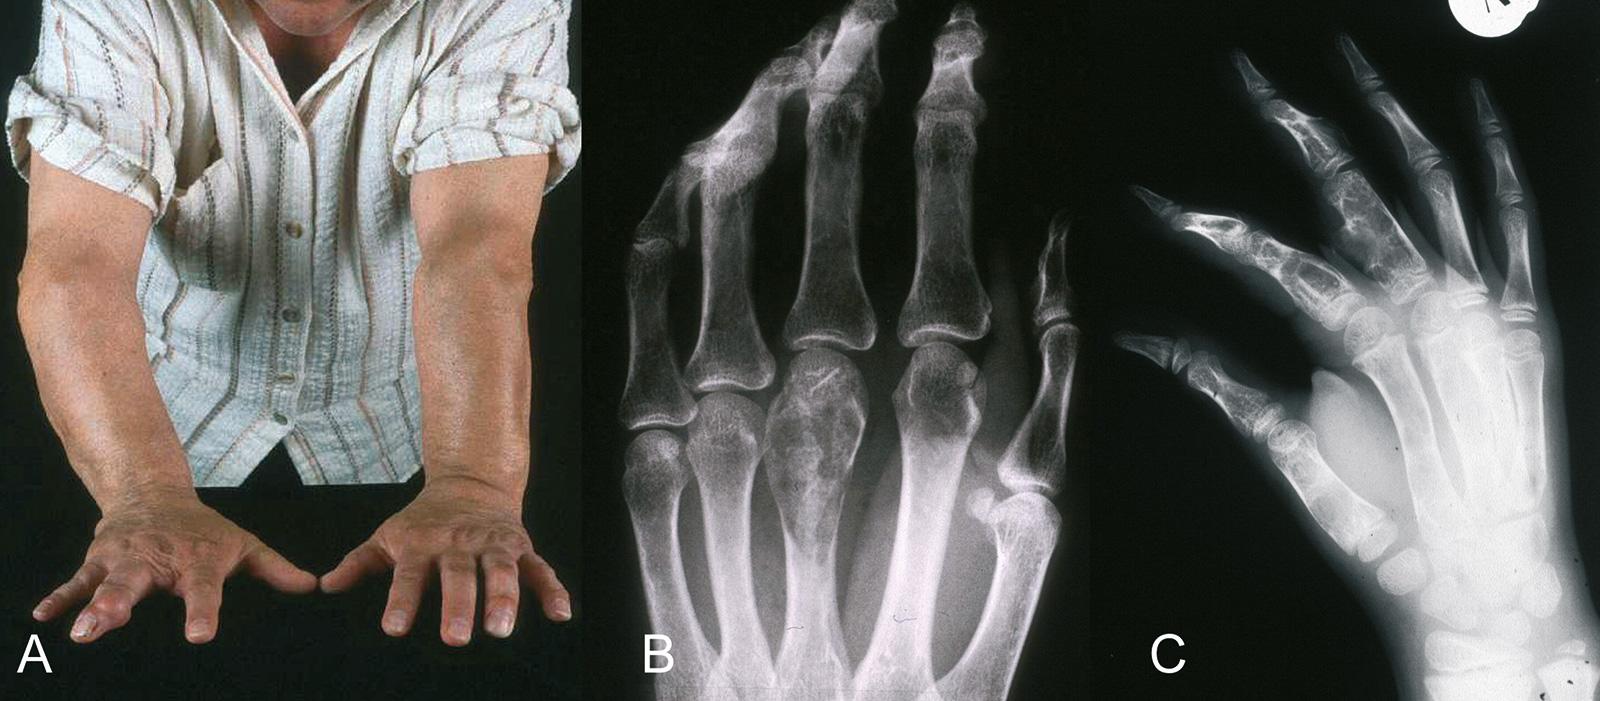 Abb. 8-45: Patient mit einem Morbus Ollier mit einem Chondrosarkom des rechten Mittelfingers (B,C) und klinisch nach Amputation des Mittelfingers (A)